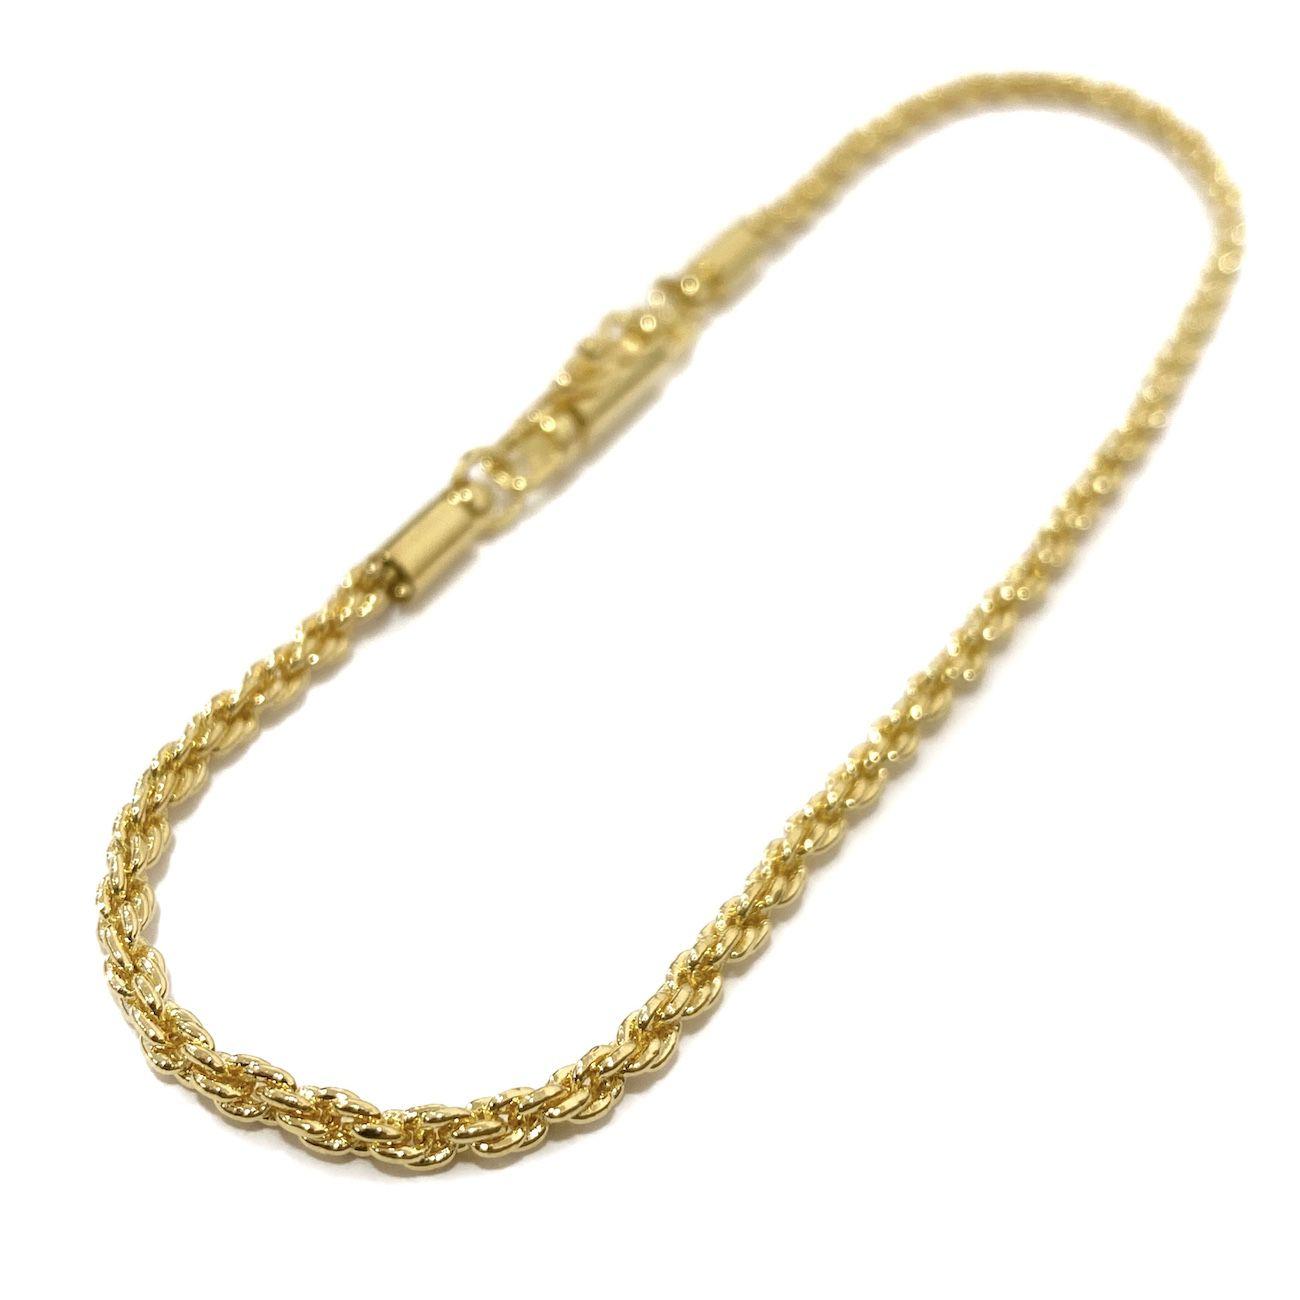 Conjunto Cordão Baiano Diamantado 2mm 60cm 8,4g (Fecho canhão) + Pulseira Cordão Baiano 2mm 5g (Fecho Canhão) (Banho Ouro 24K)